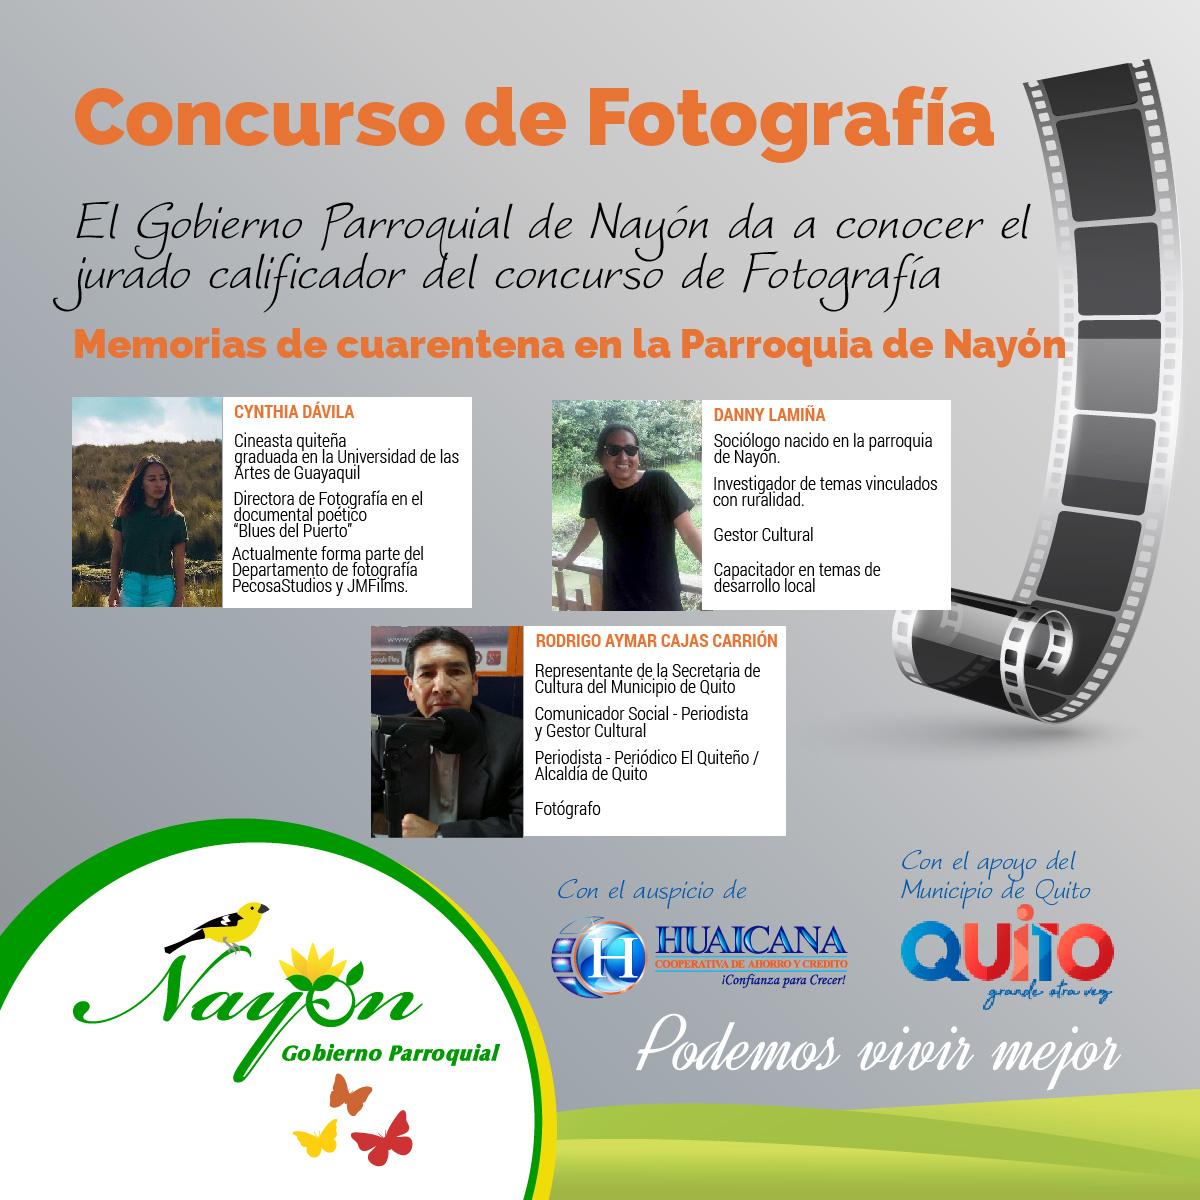 Jurado Calificador, Concurso de Fotografía Memorias de cuarentena en la Parroquia de Nayón